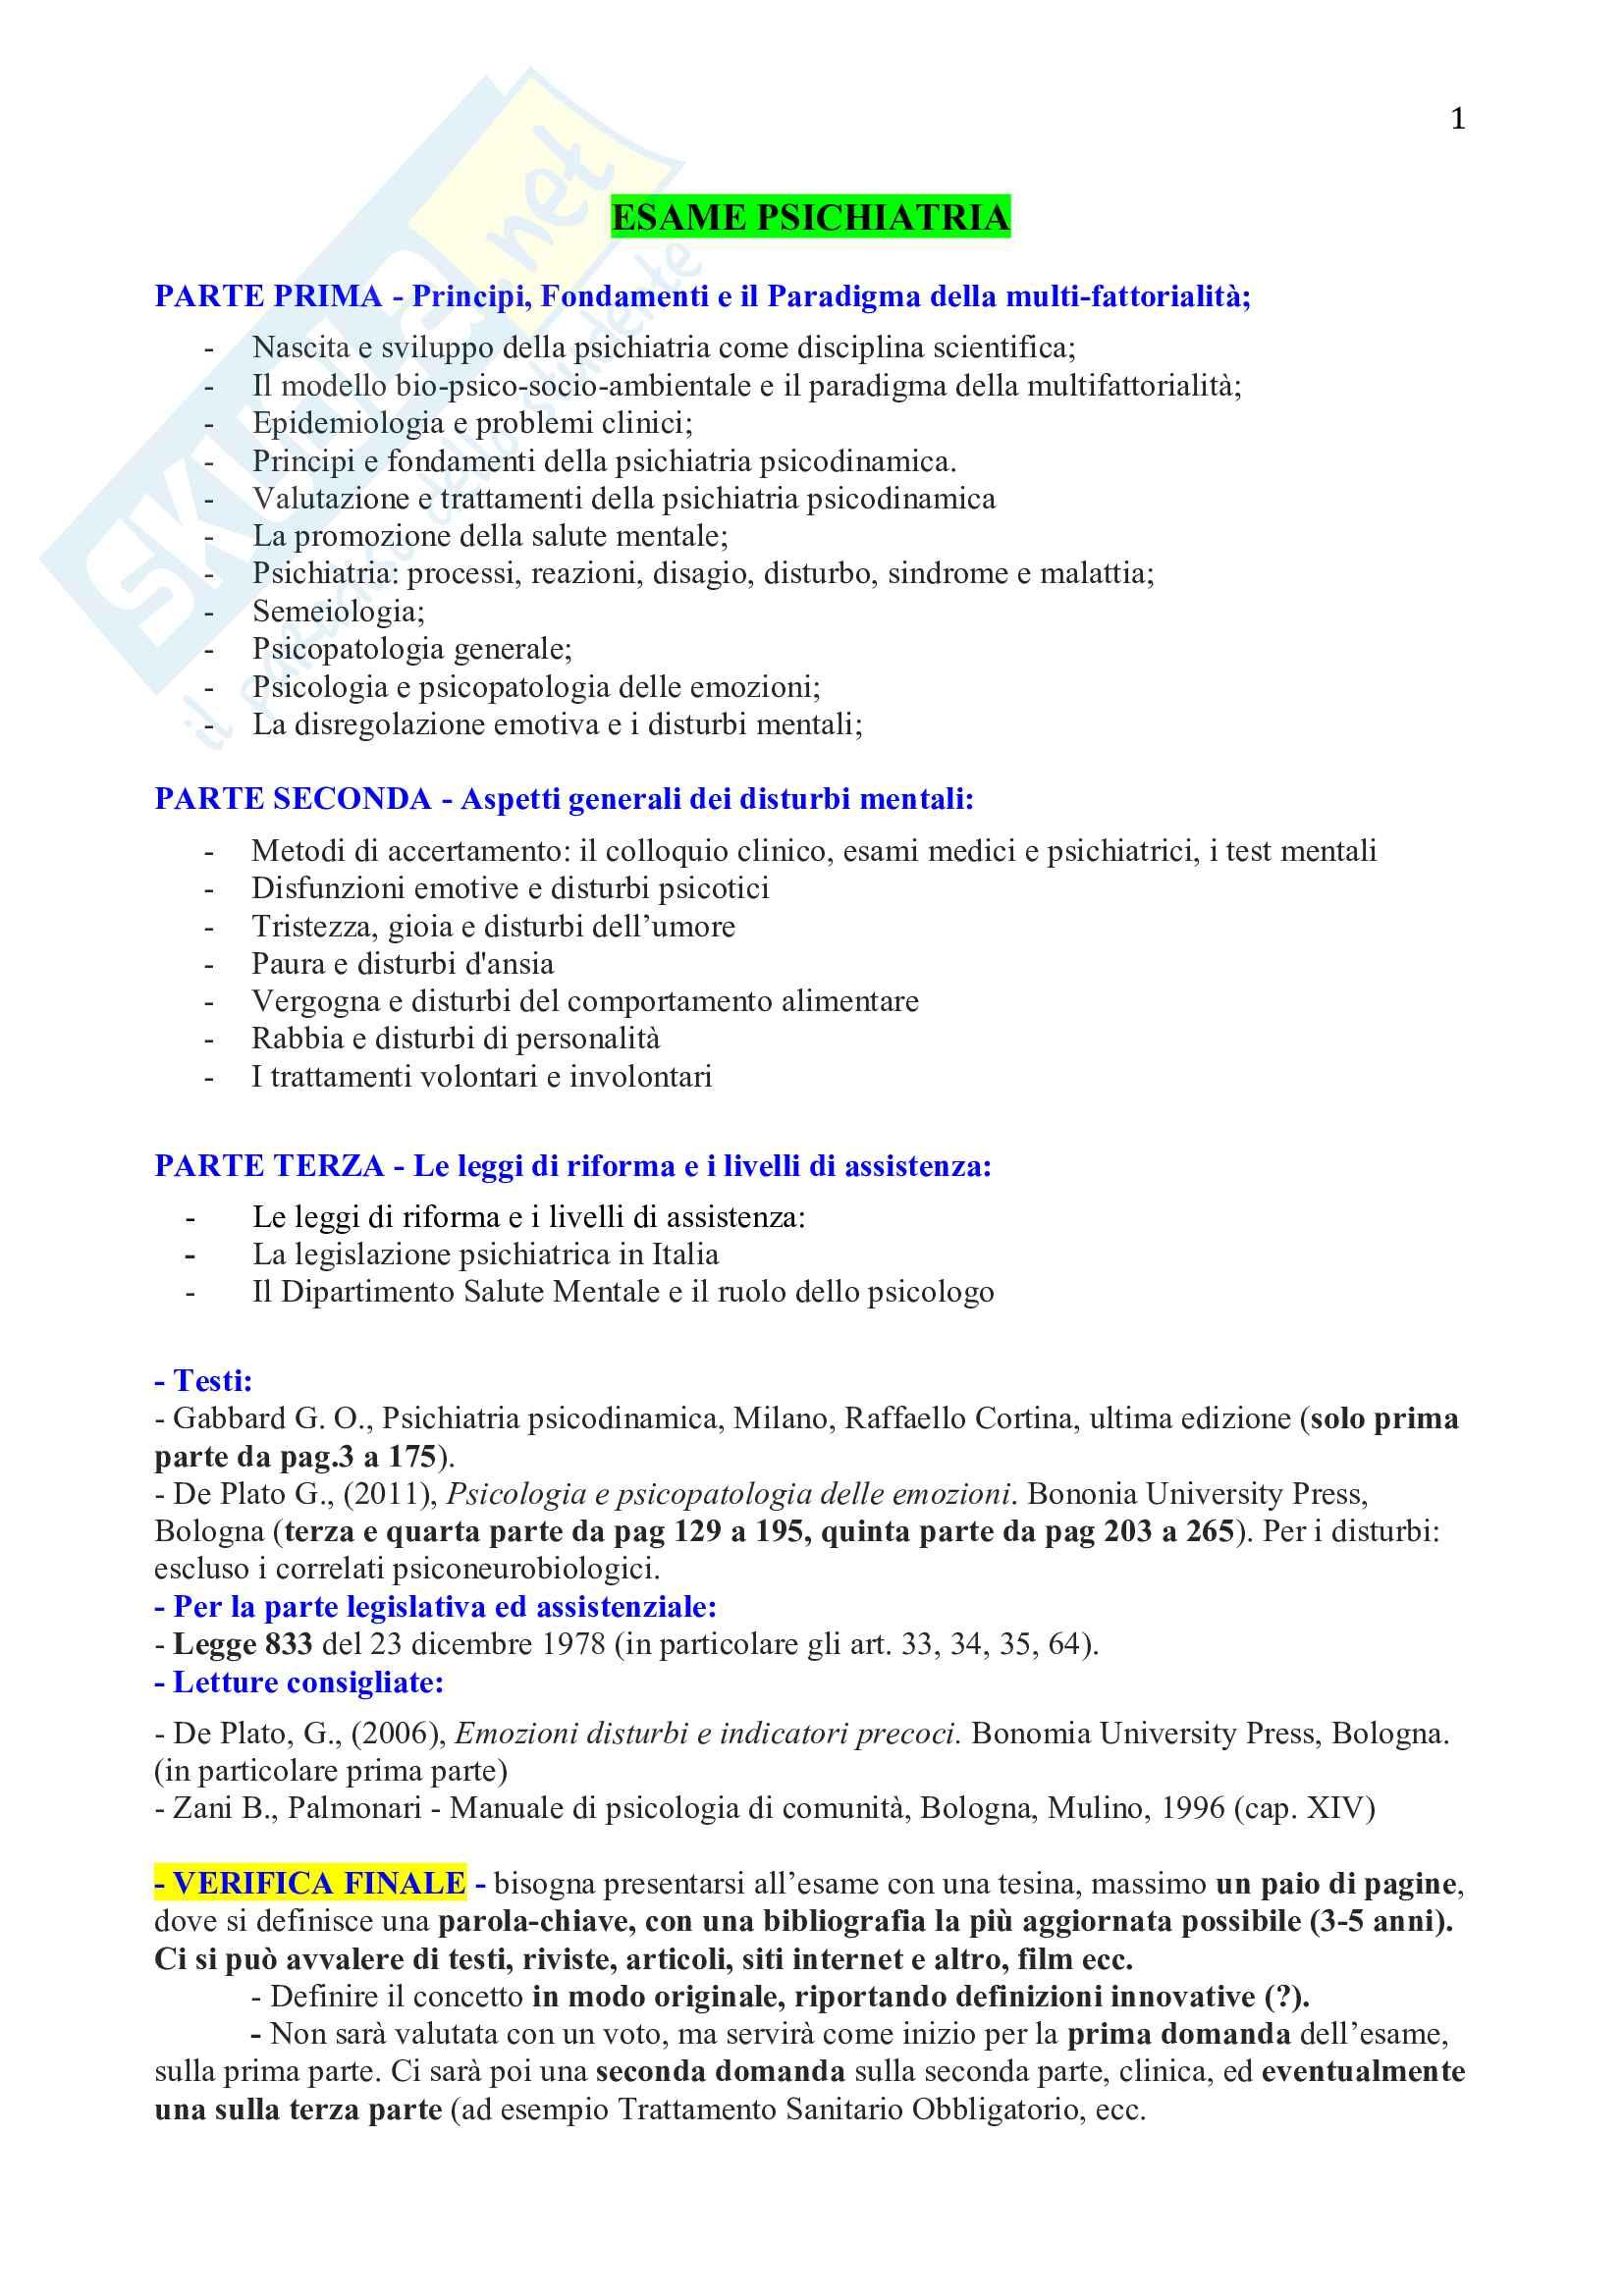 Psichiatria - Appunti lezioni Pag. 1